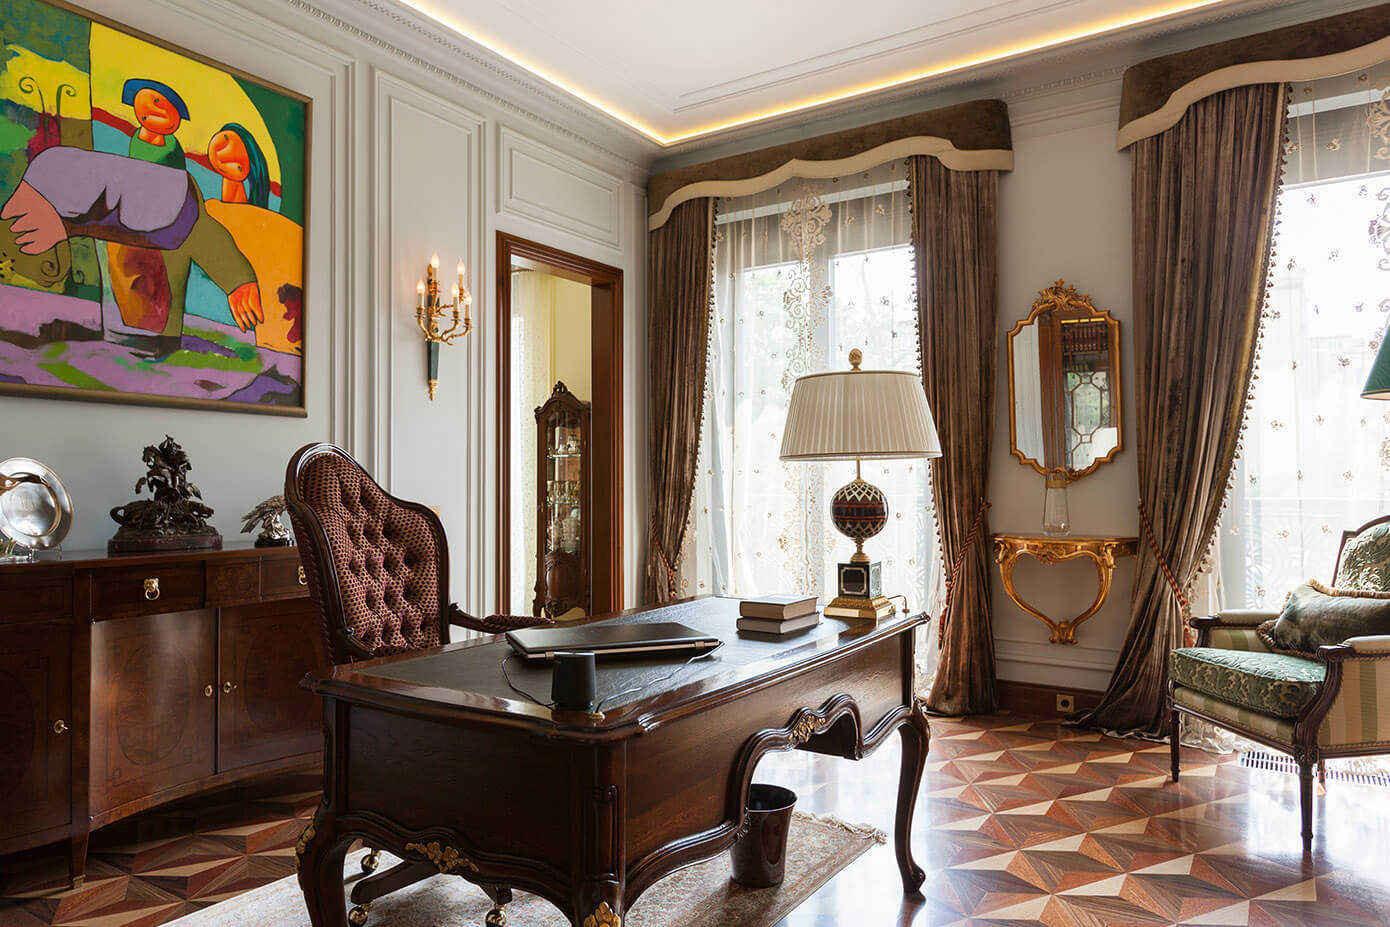 Intérieur de la salle d'étude avec rideaux marron